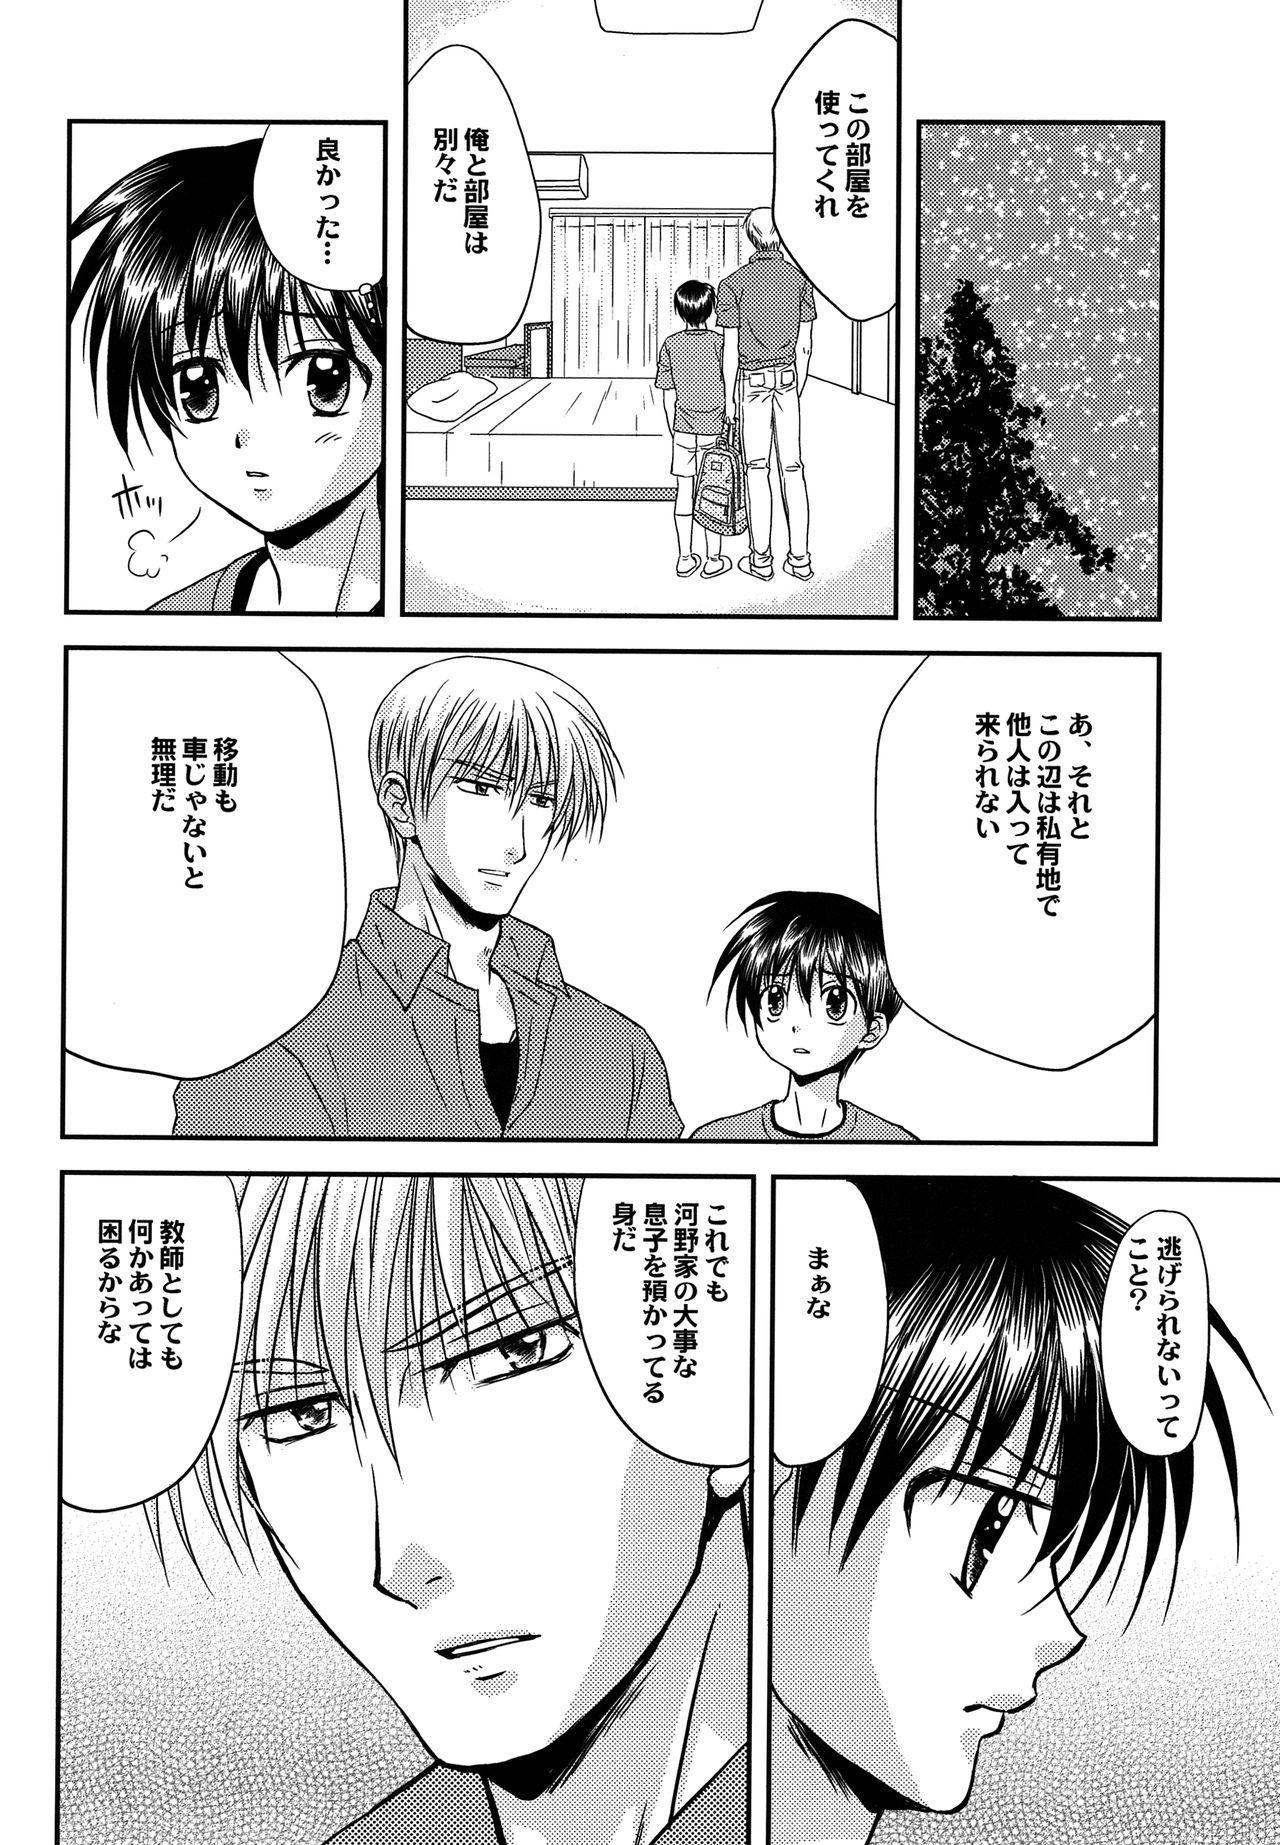 Bishounen Kinbaku Nisshi 13 10